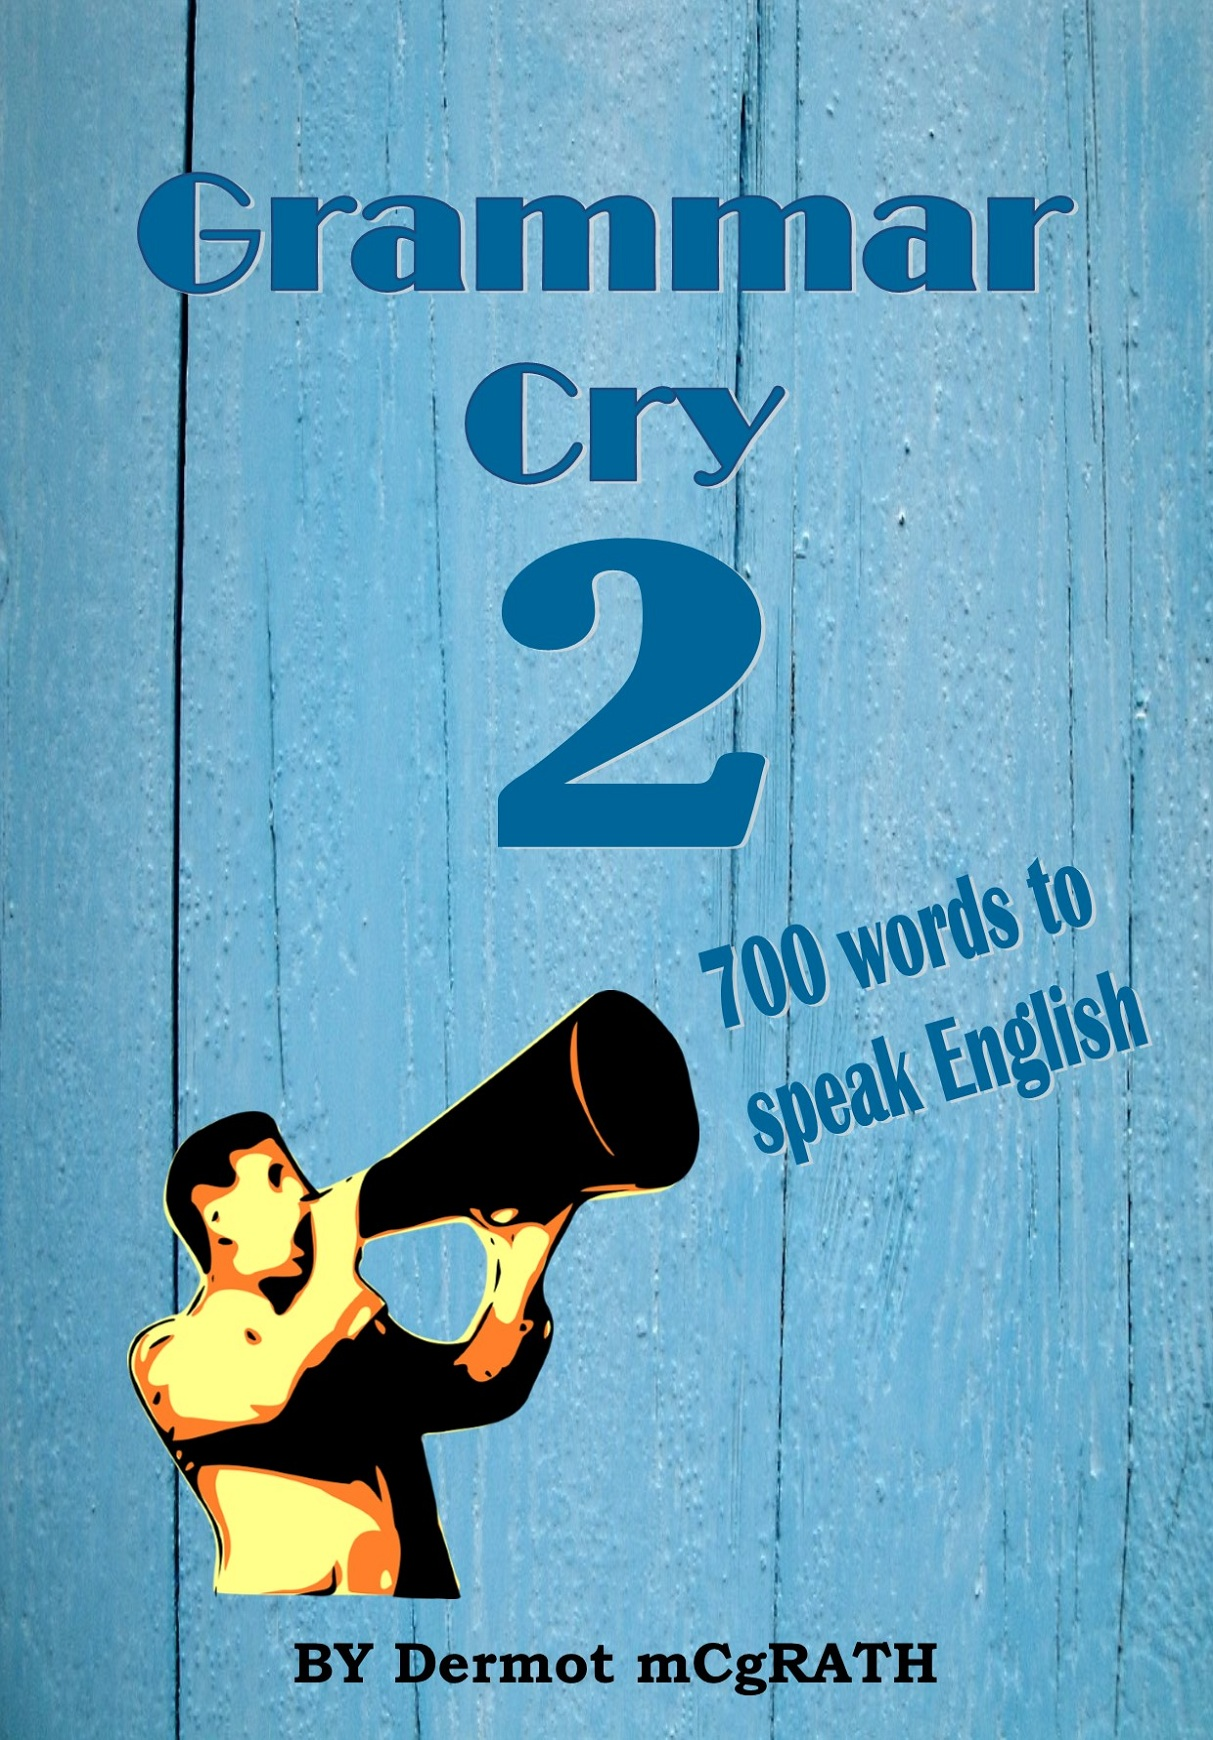 Grammar cry 2